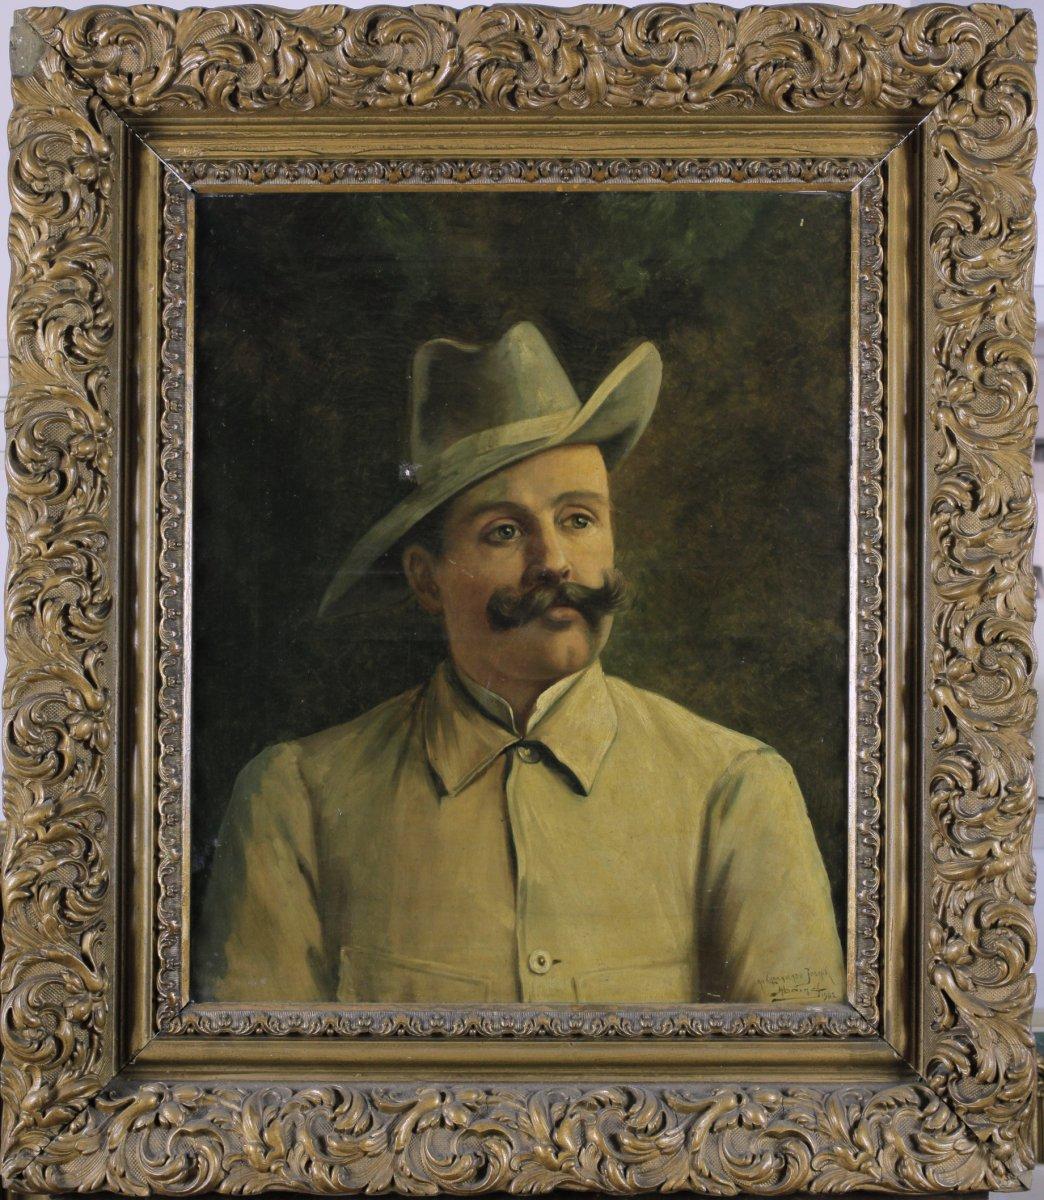 Portrait, Homme à La Moustache, Au Camarade Joseph, 1902, Signé à Identifier